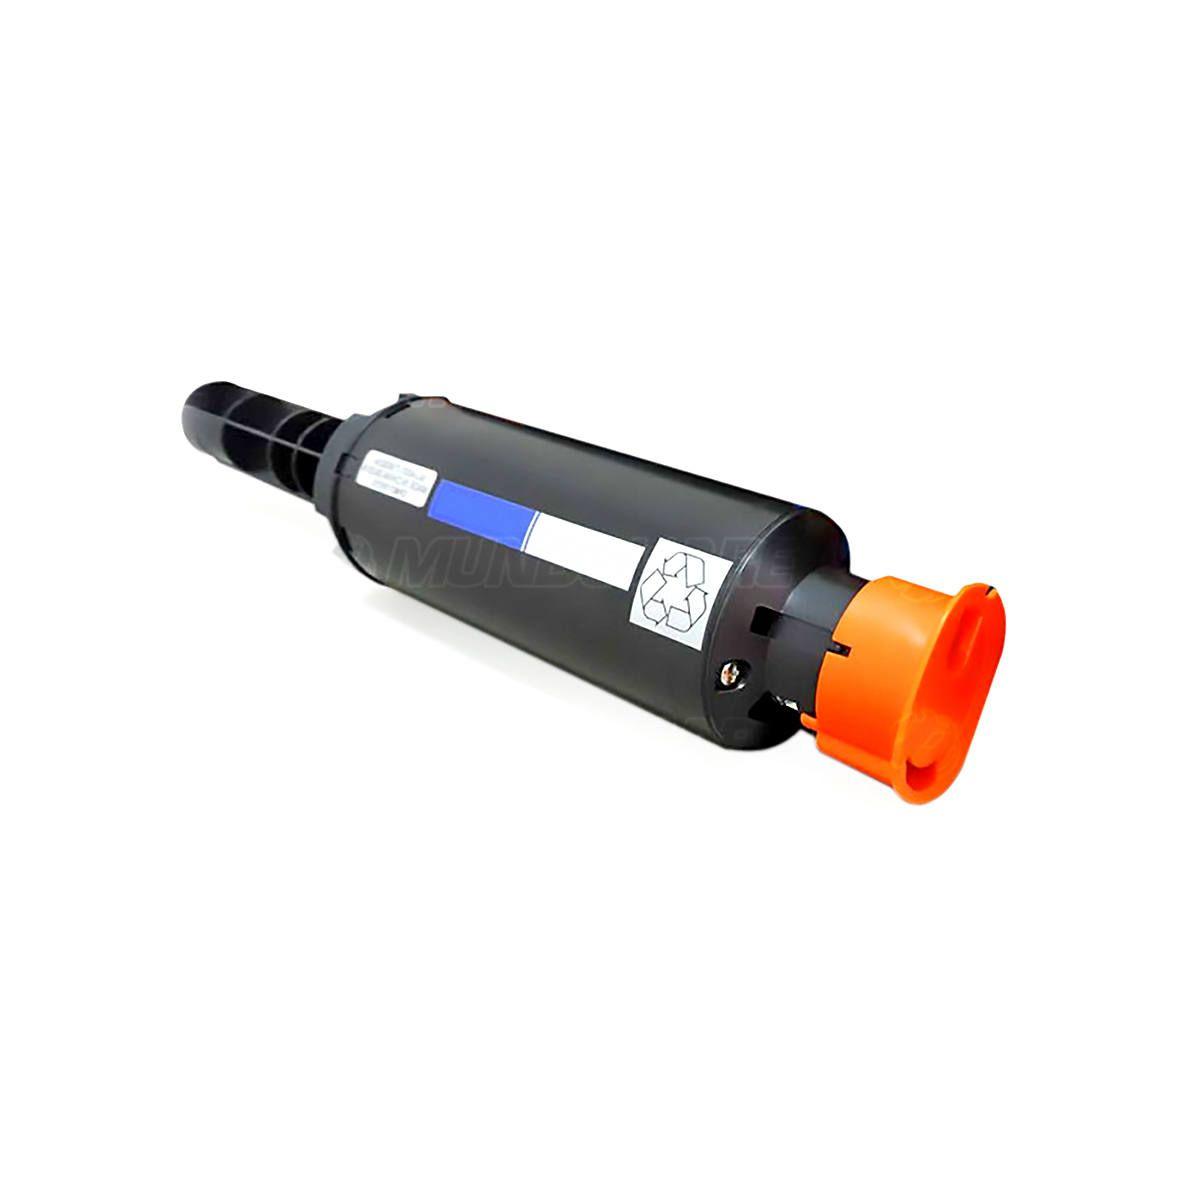 Compatível: Toner 103A W1103A para Impressora HP Neverstop 1200a 1200w 1000a 1000w / Preto / 2.500